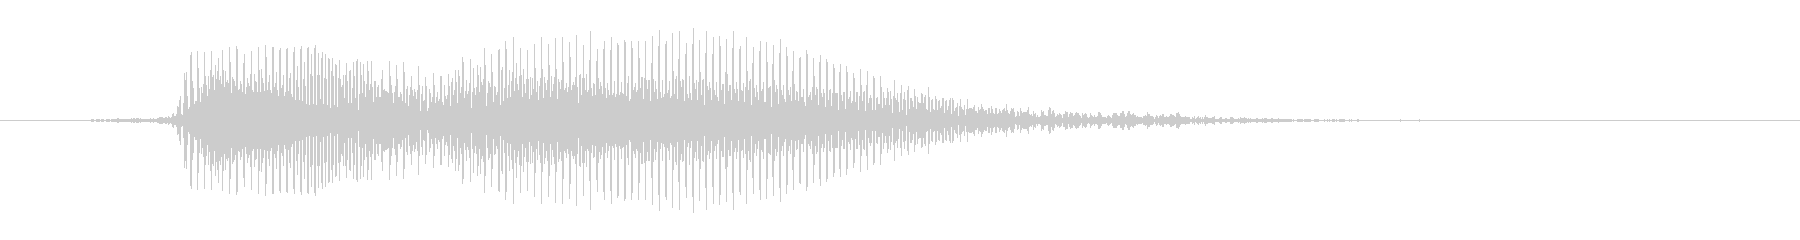 あっ(軽く驚いて)の未再生の波形